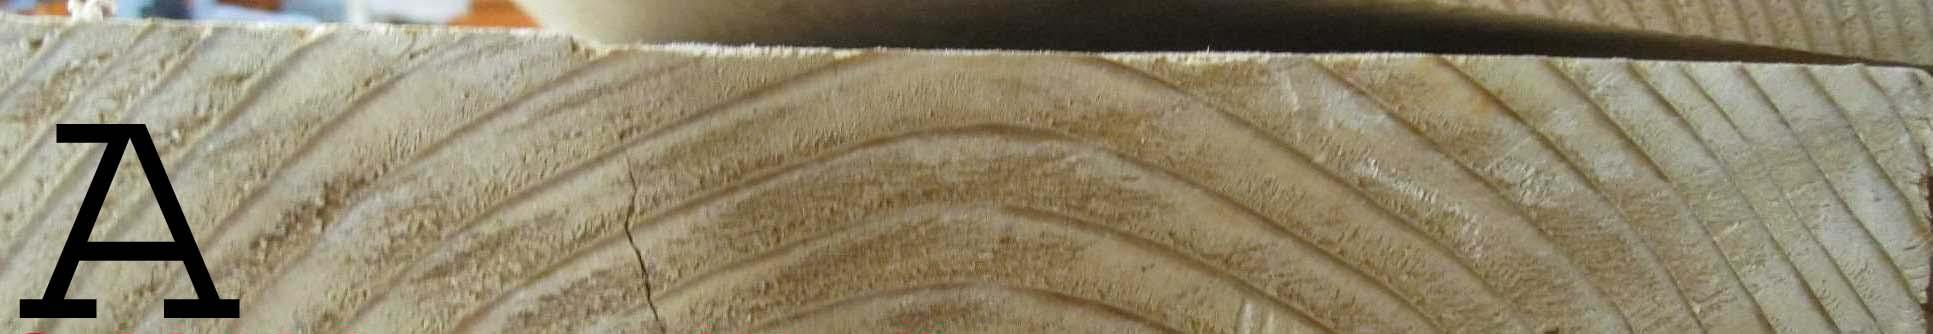 Flat sawn